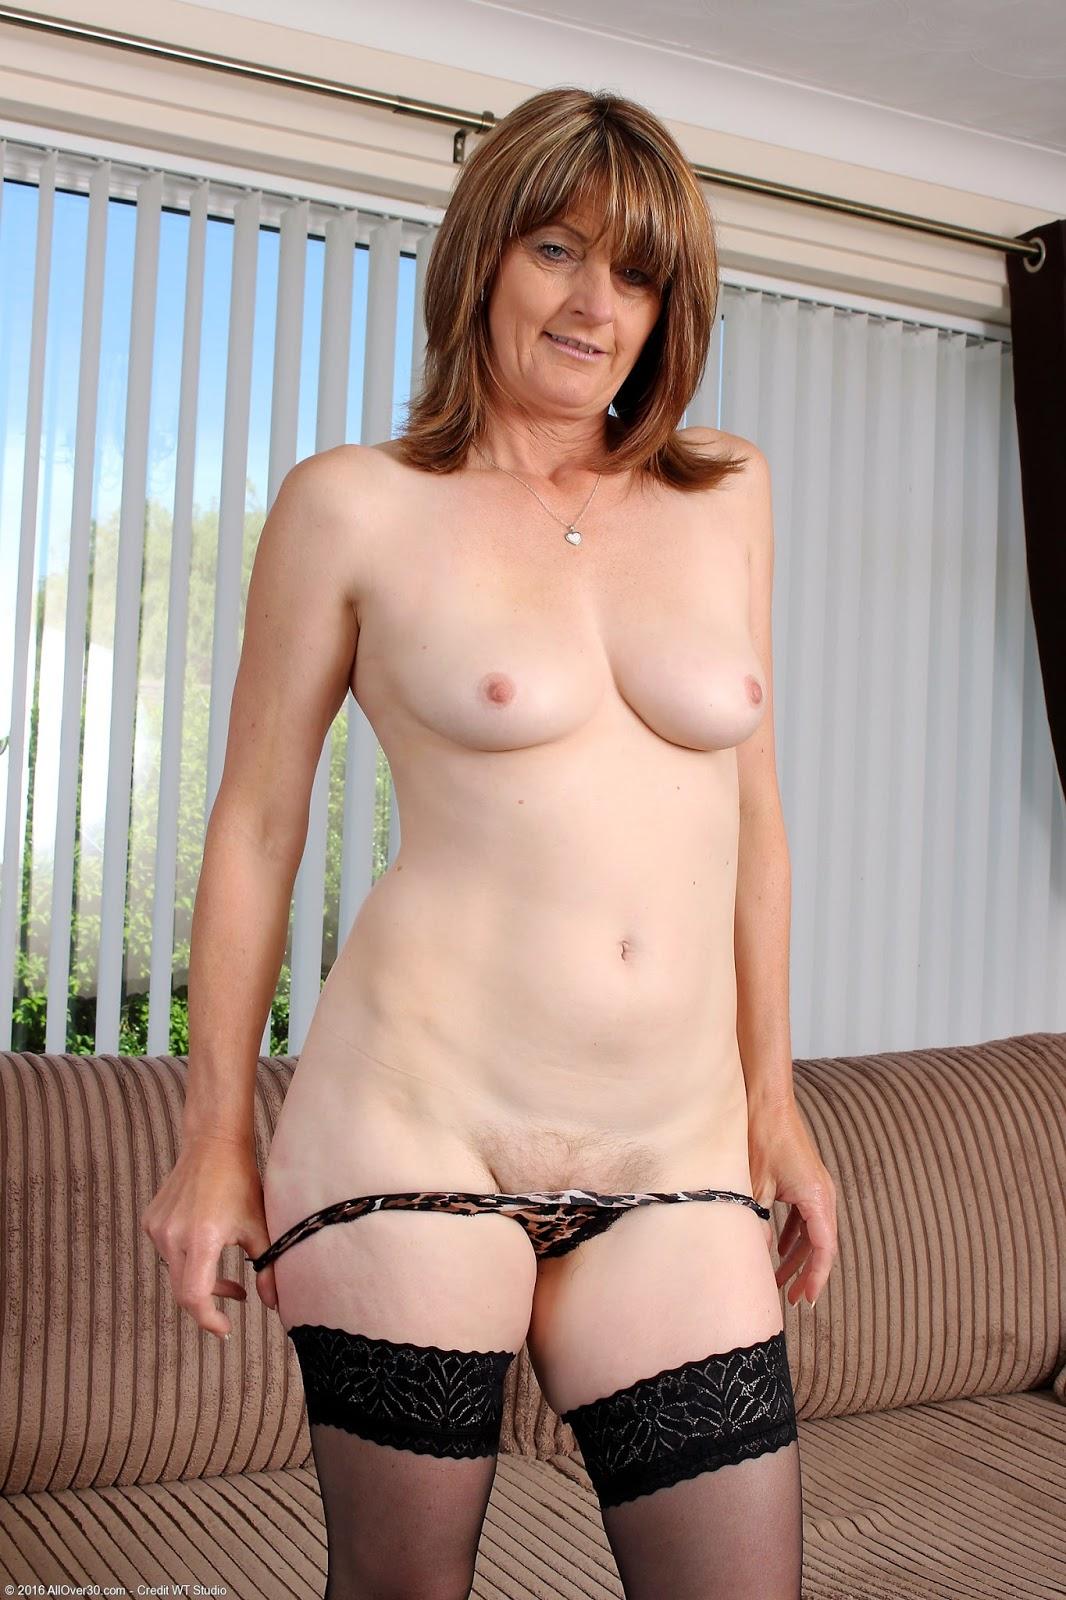 Webcam girl 121 - 2 6